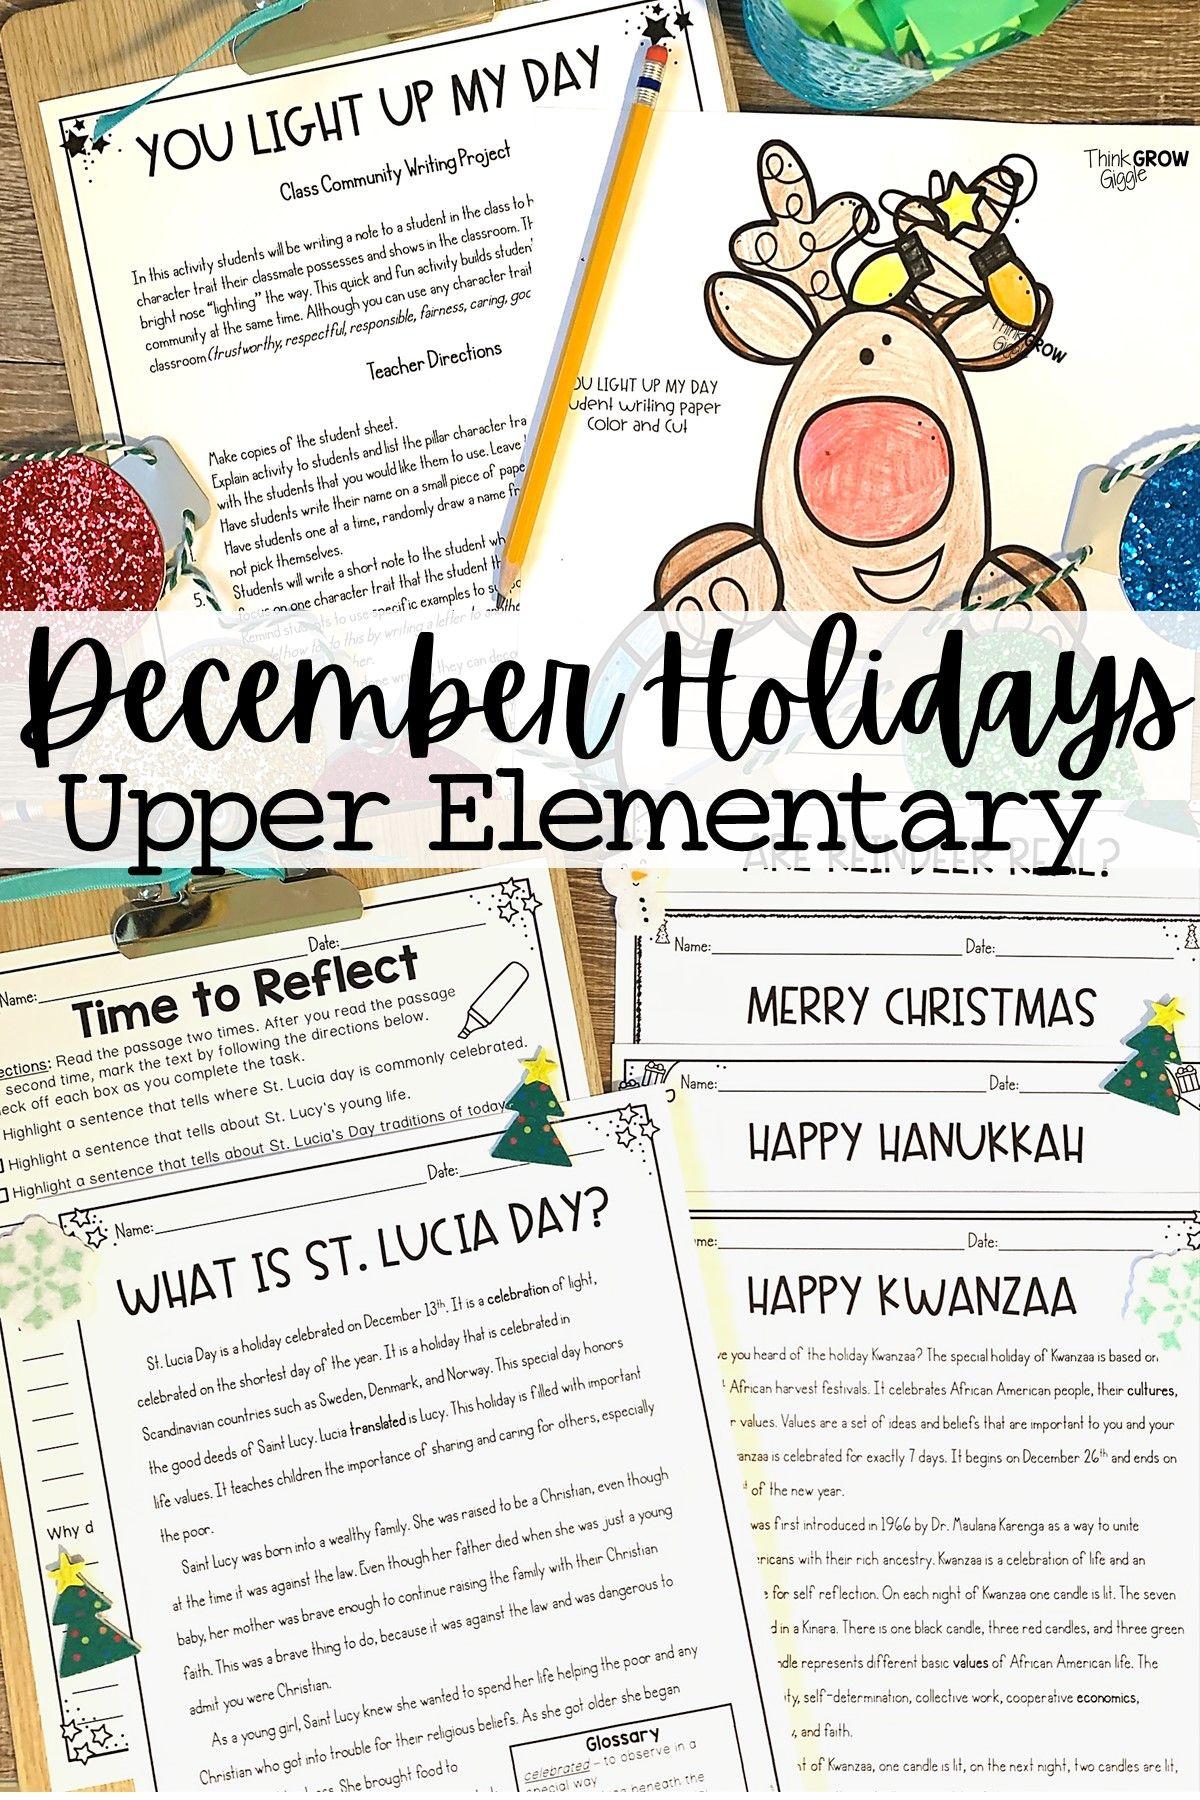 December Holidays   Around the World   Holiday activities for kids, December holidays around the ...